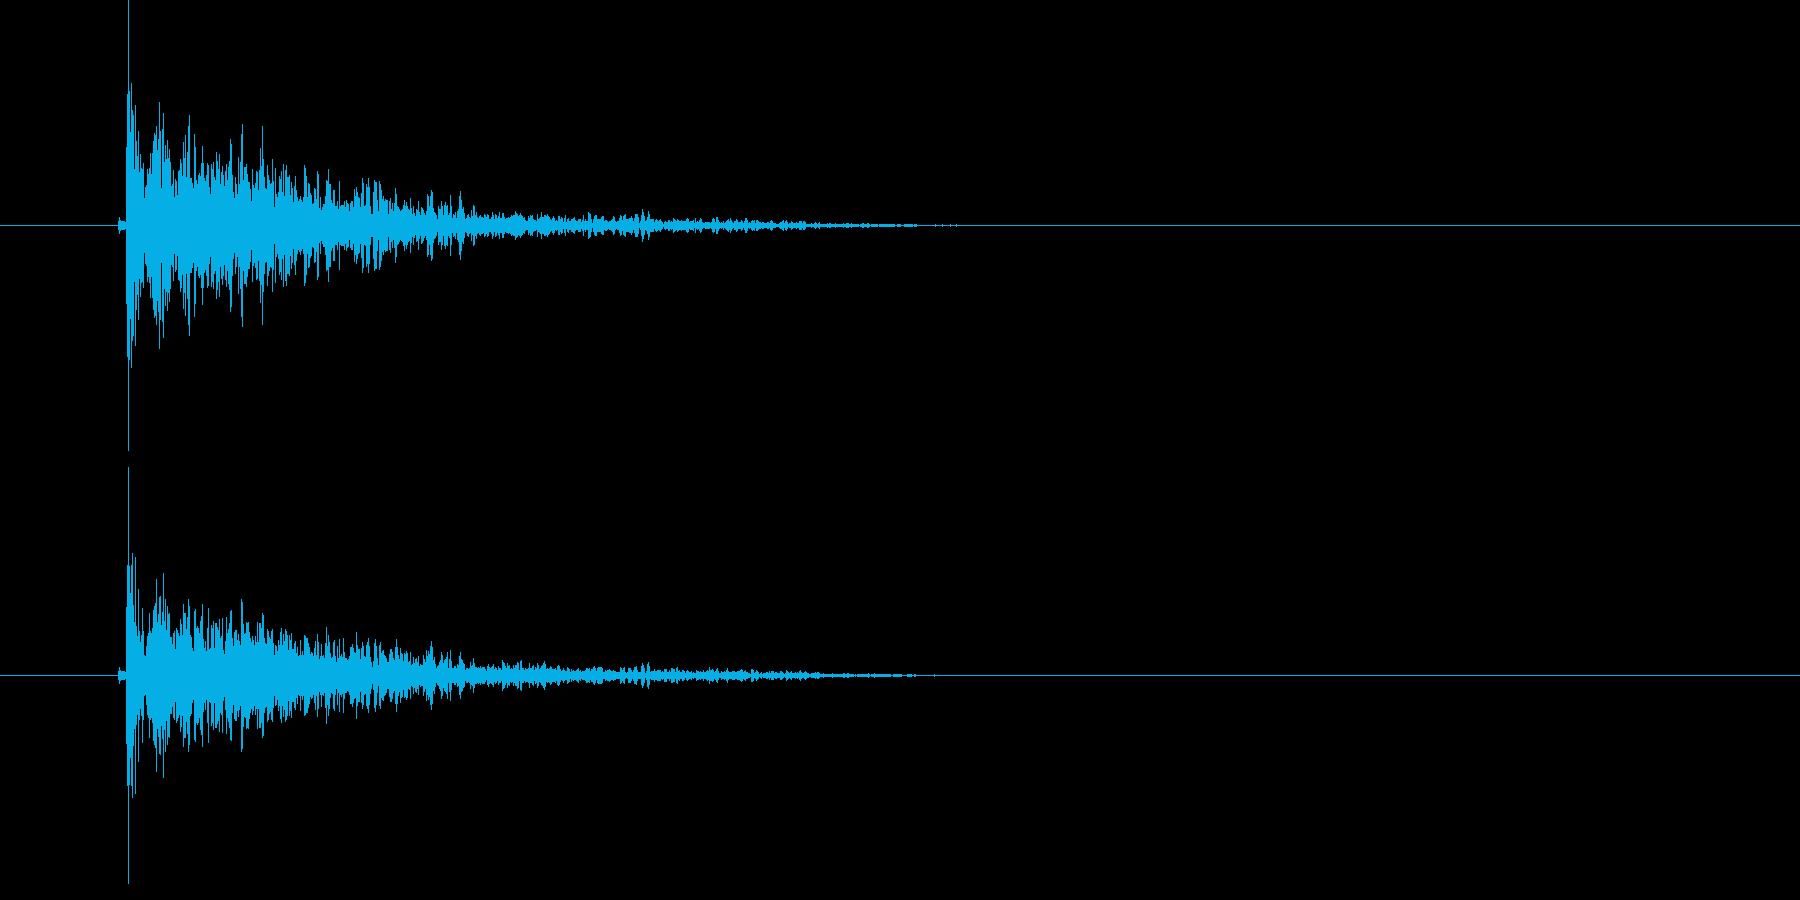 ドーン!(重たい物が落ちる落下音)の再生済みの波形